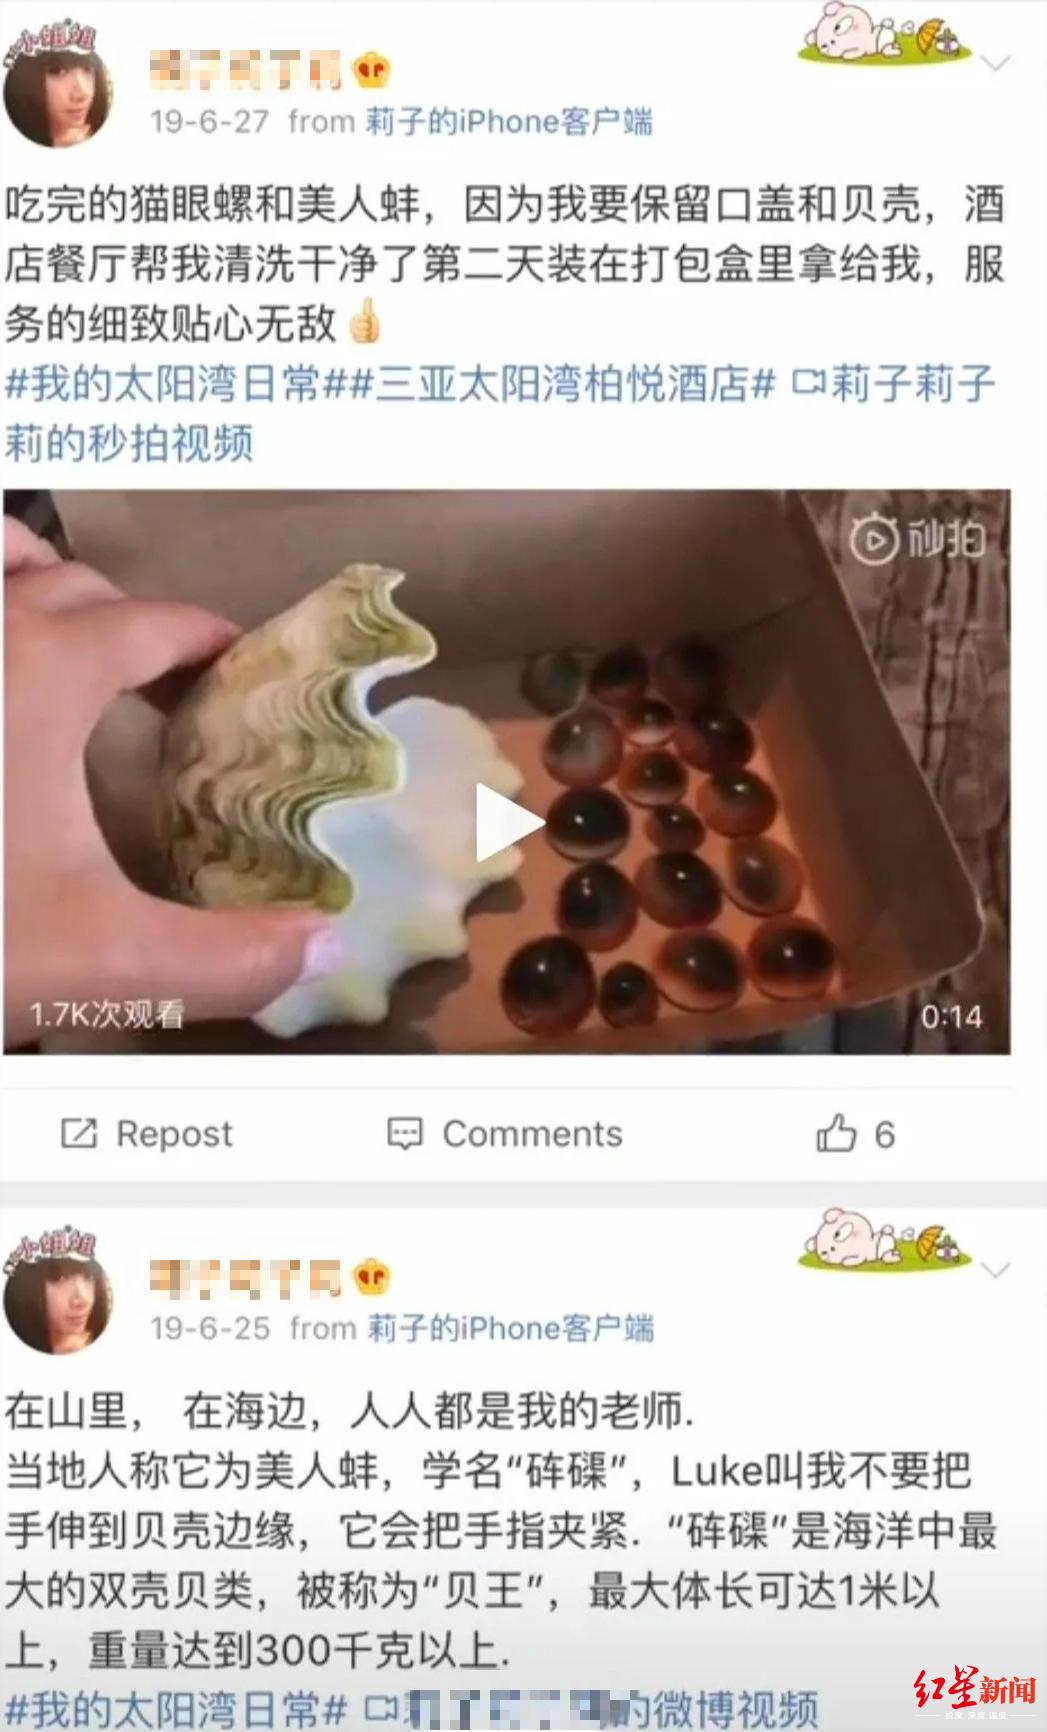 知名演员举报三亚太阳湾柏悦酒店非法捕捞国家二级保护动物